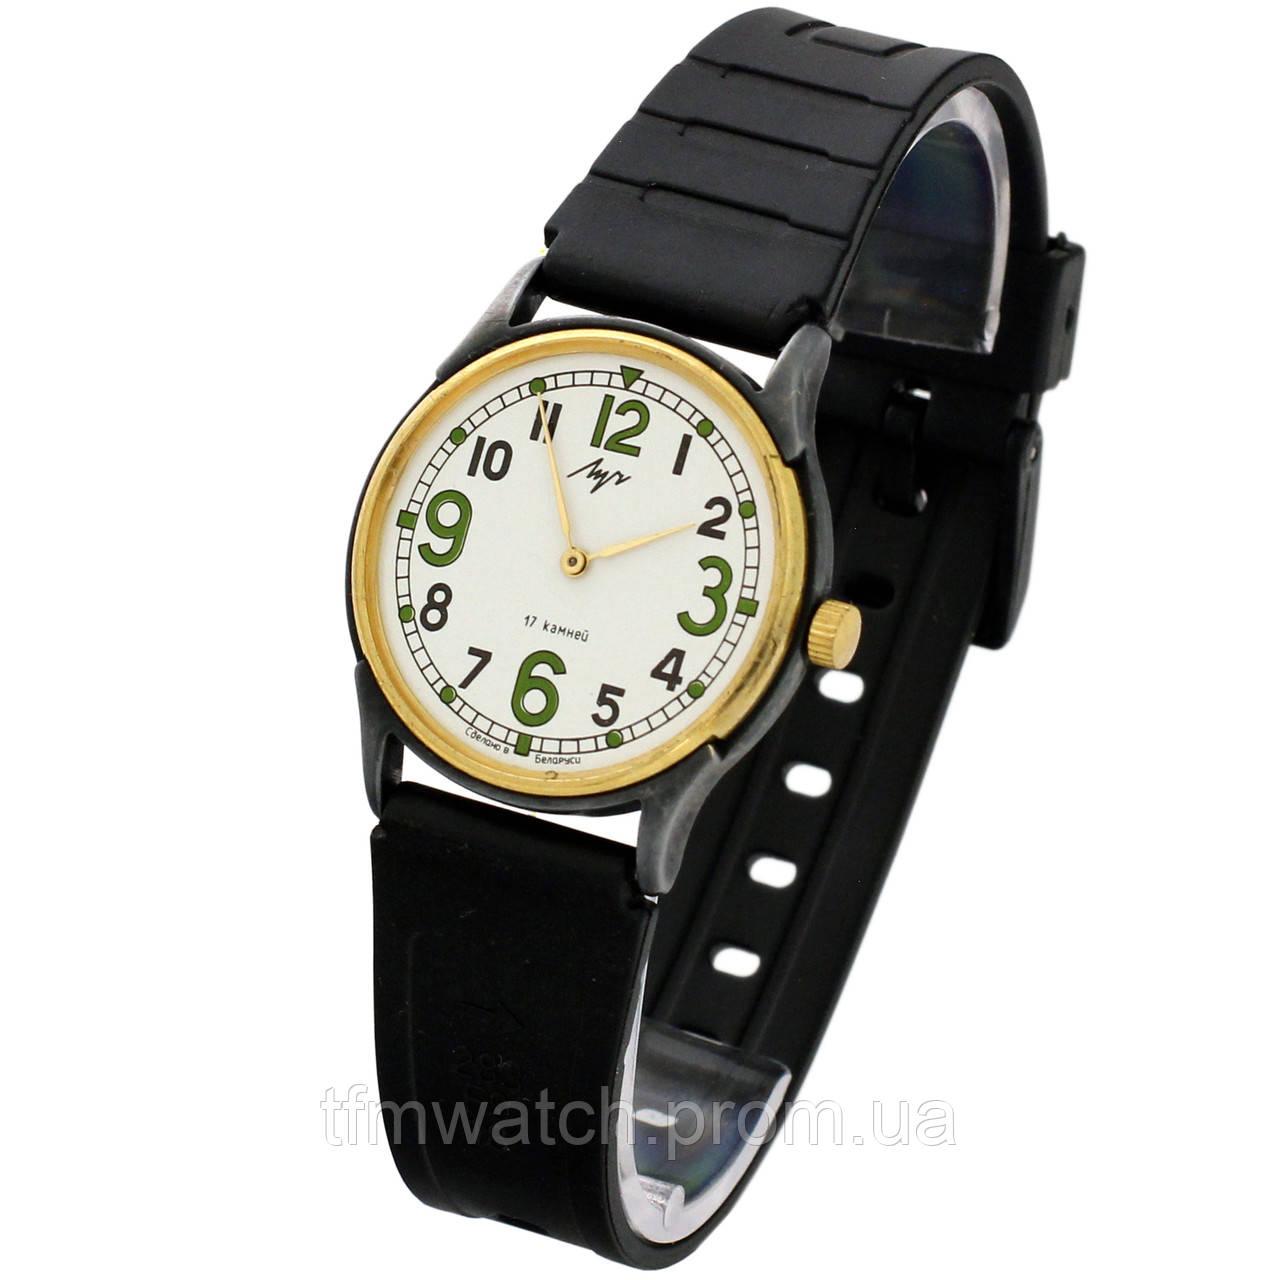 Часы из белоруссии луч купить часы брегет скелетон цена